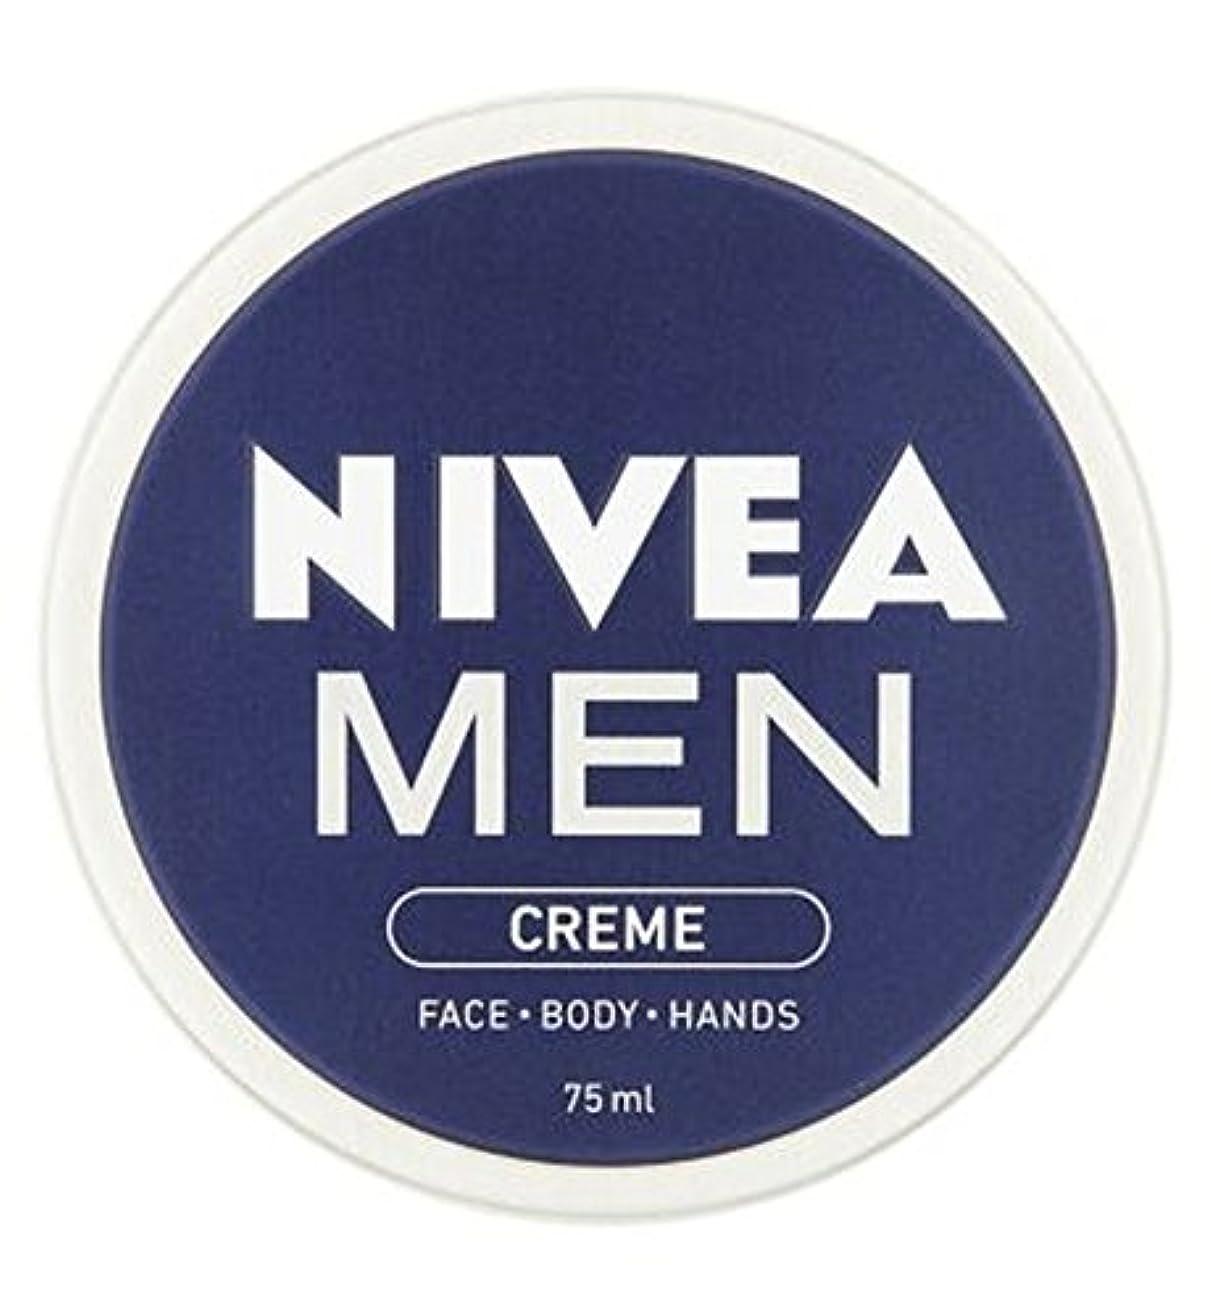 ウェブ奇跡球体NIVEA MEN Creme 75ml - ニベアの男性は75ミリリットルをクリーム (Nivea) [並行輸入品]